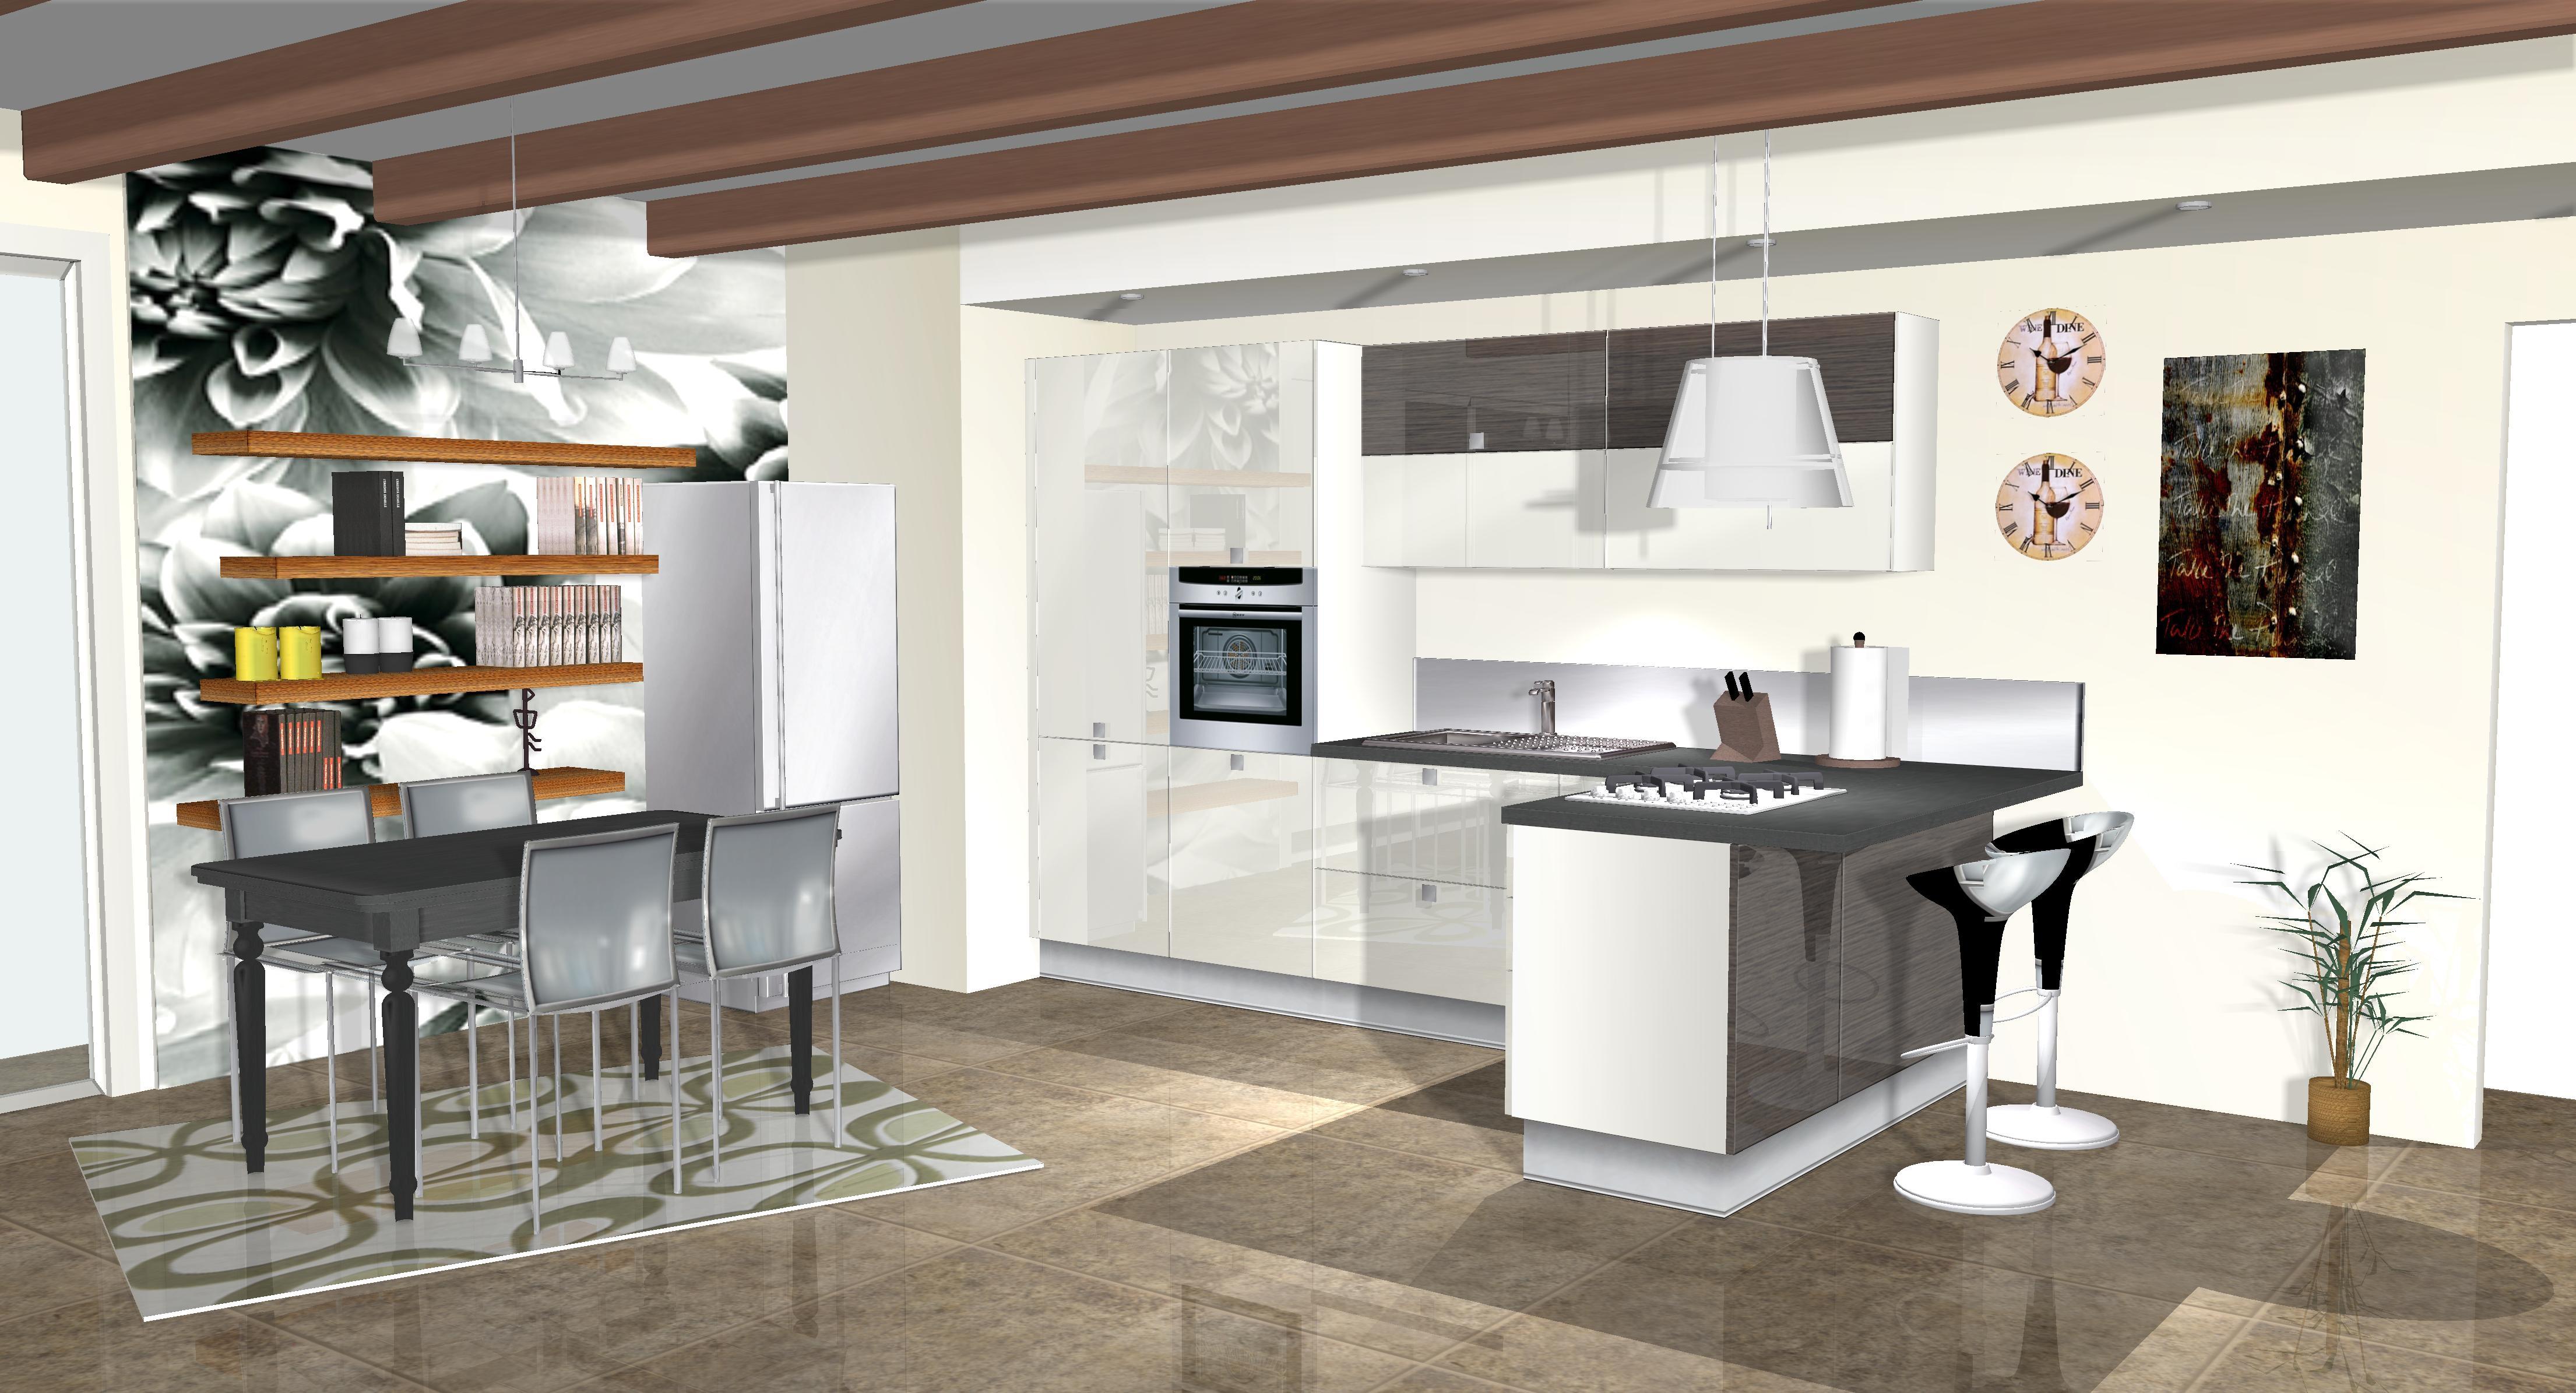 Emejing Ciao Cucine Aran Pictures - Ideas & Design 2017 ...